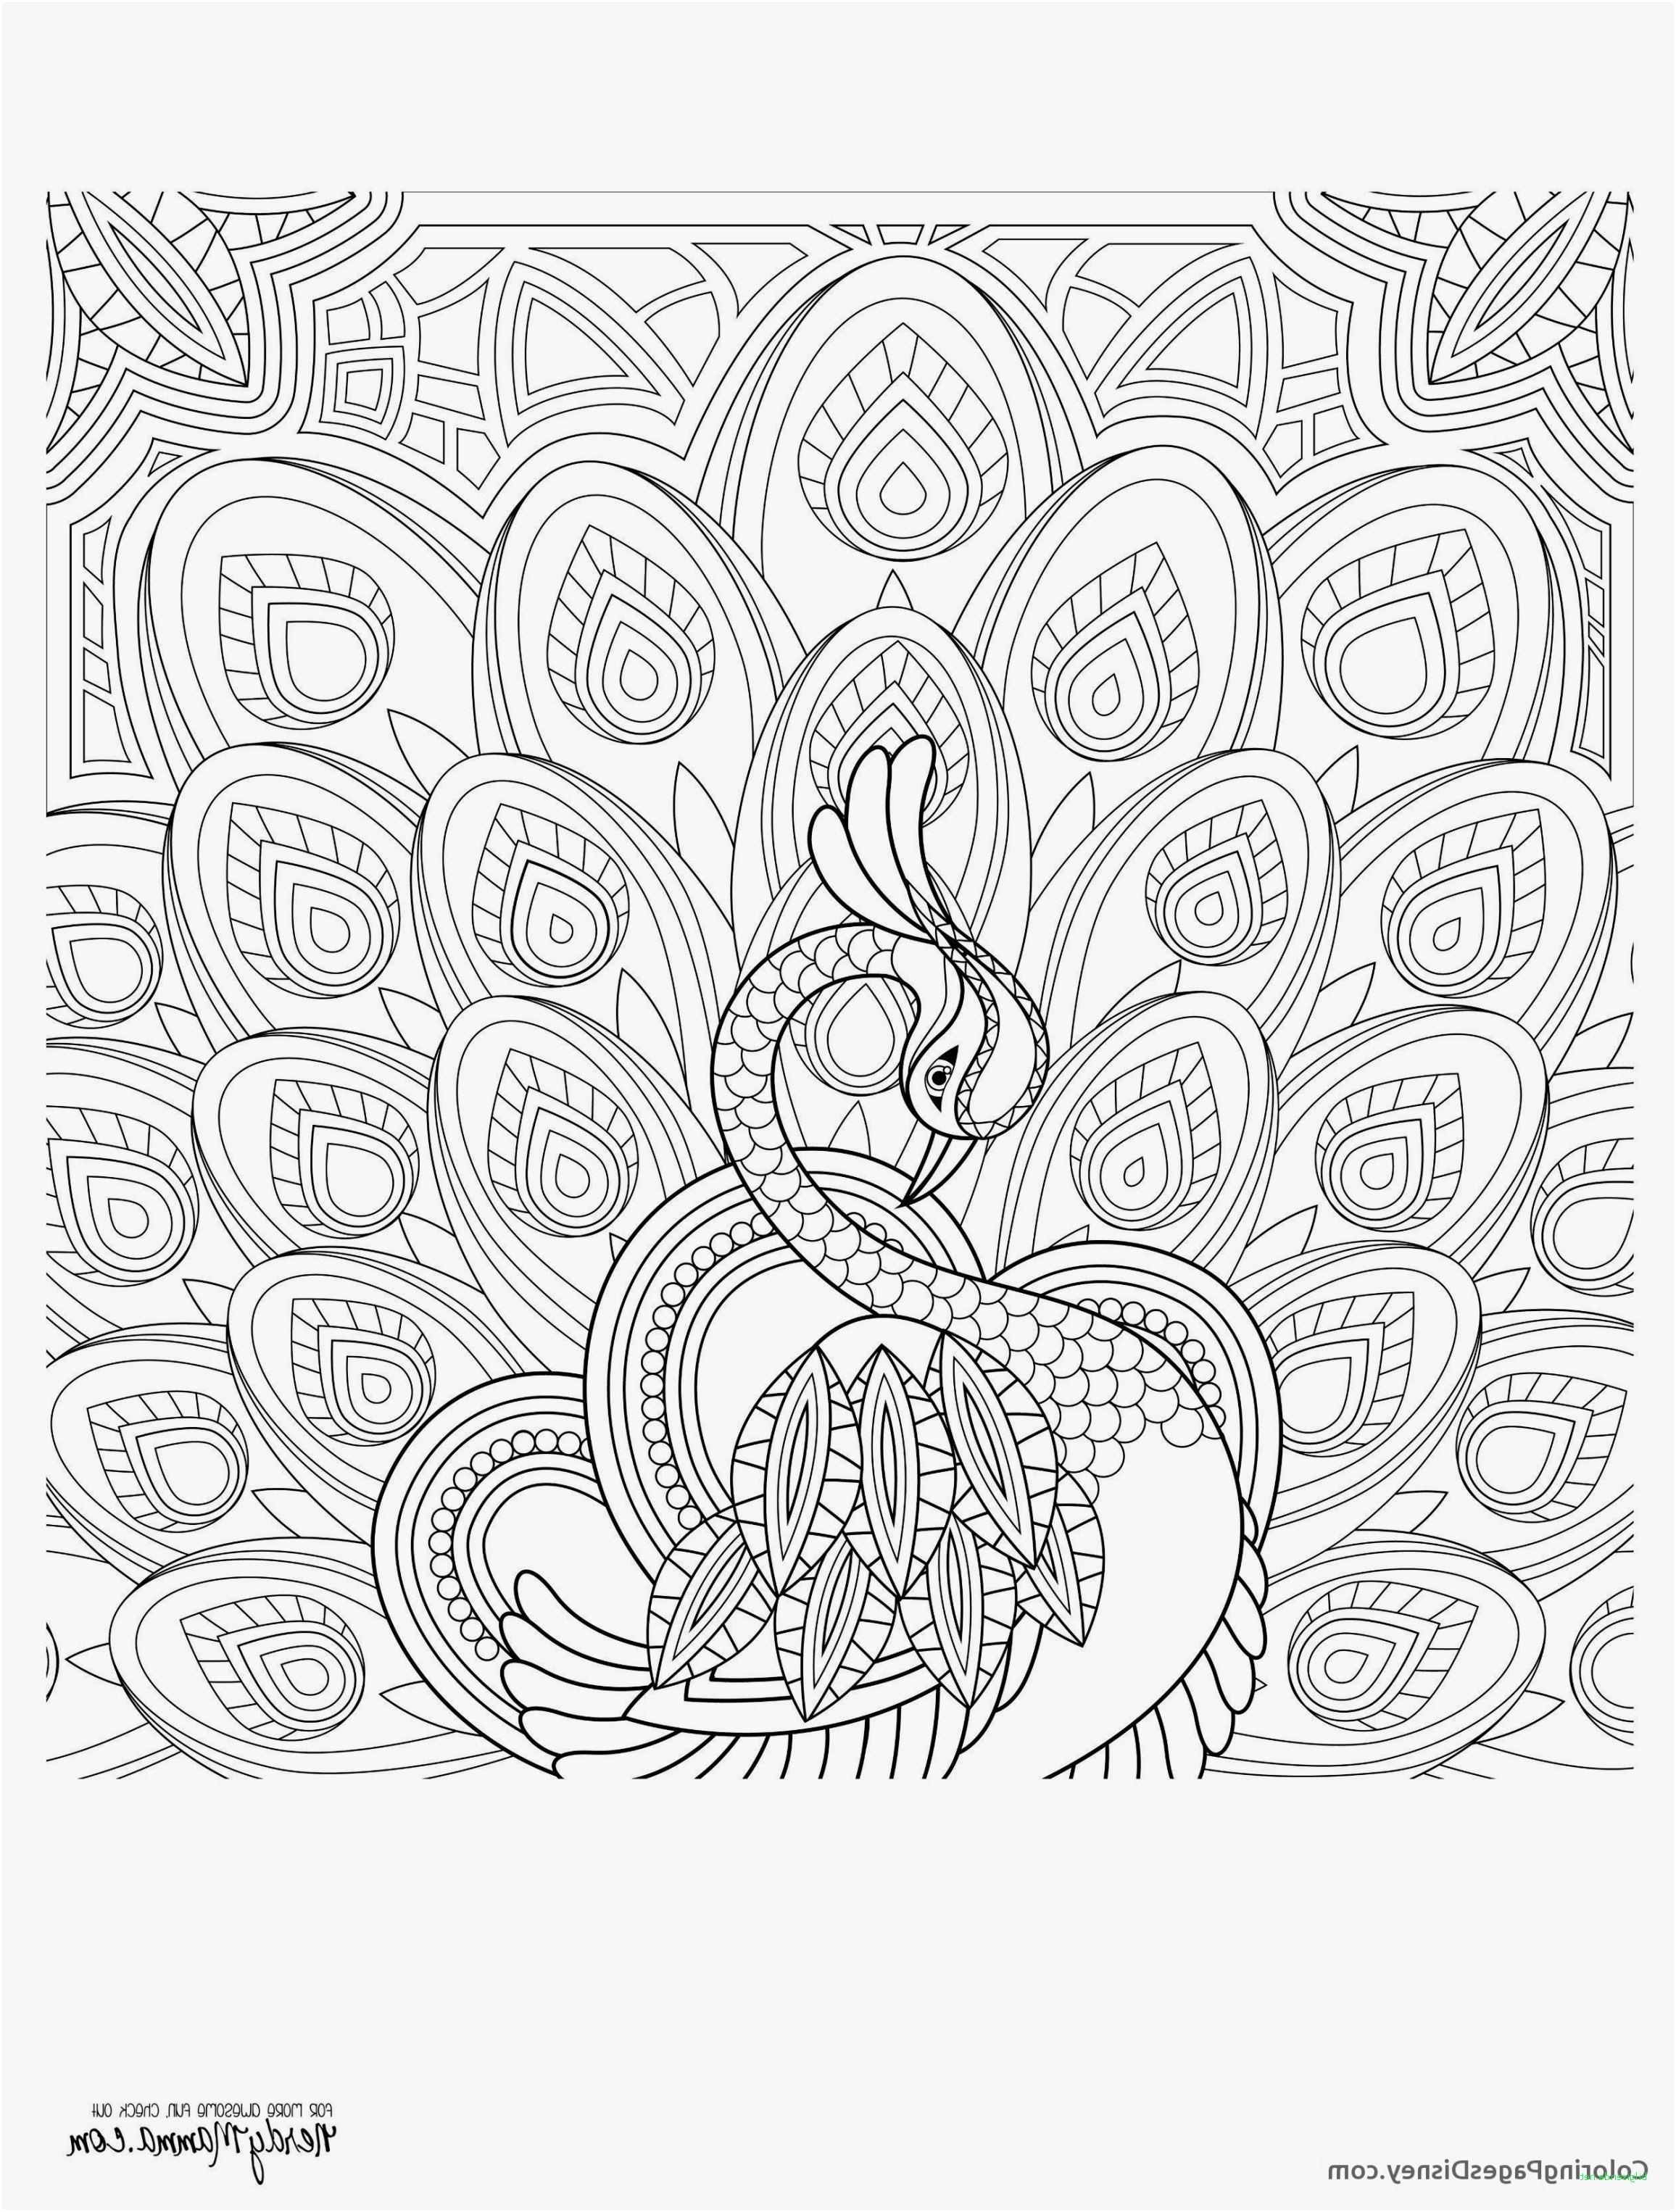 Ausmalbilder Weihnachten Disney Das Beste Von 34 Lecker Ausmalbild Disney – Große Coloring Page Sammlung Bild